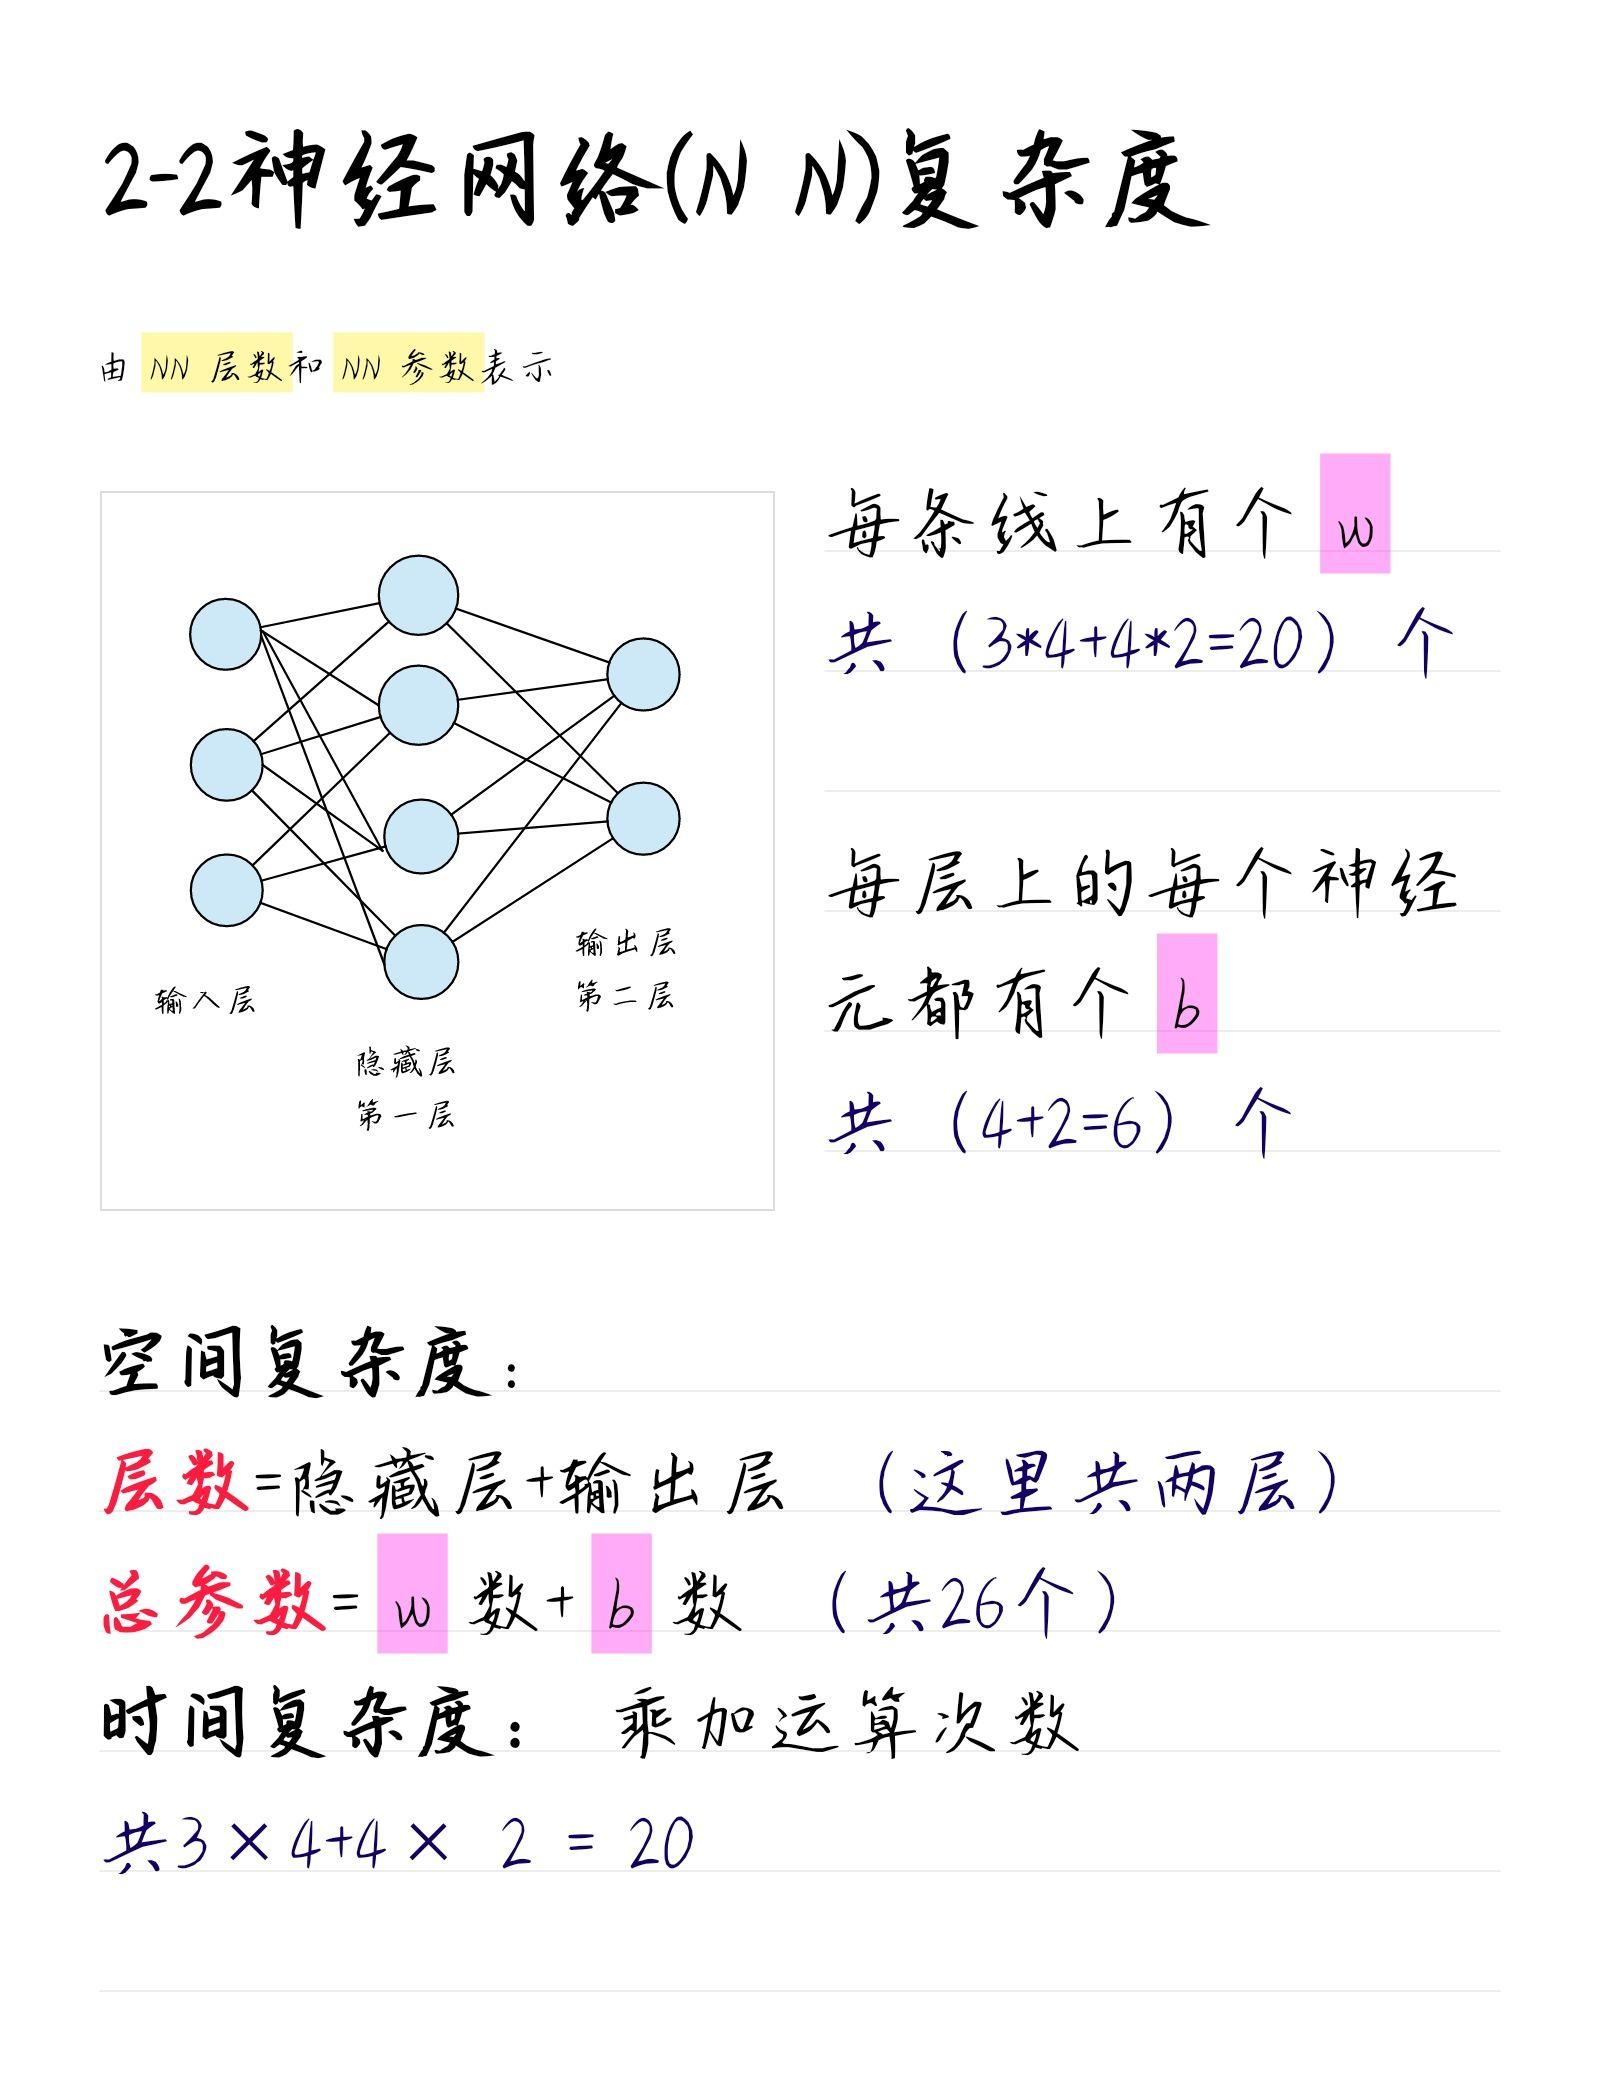 NN复杂度概念